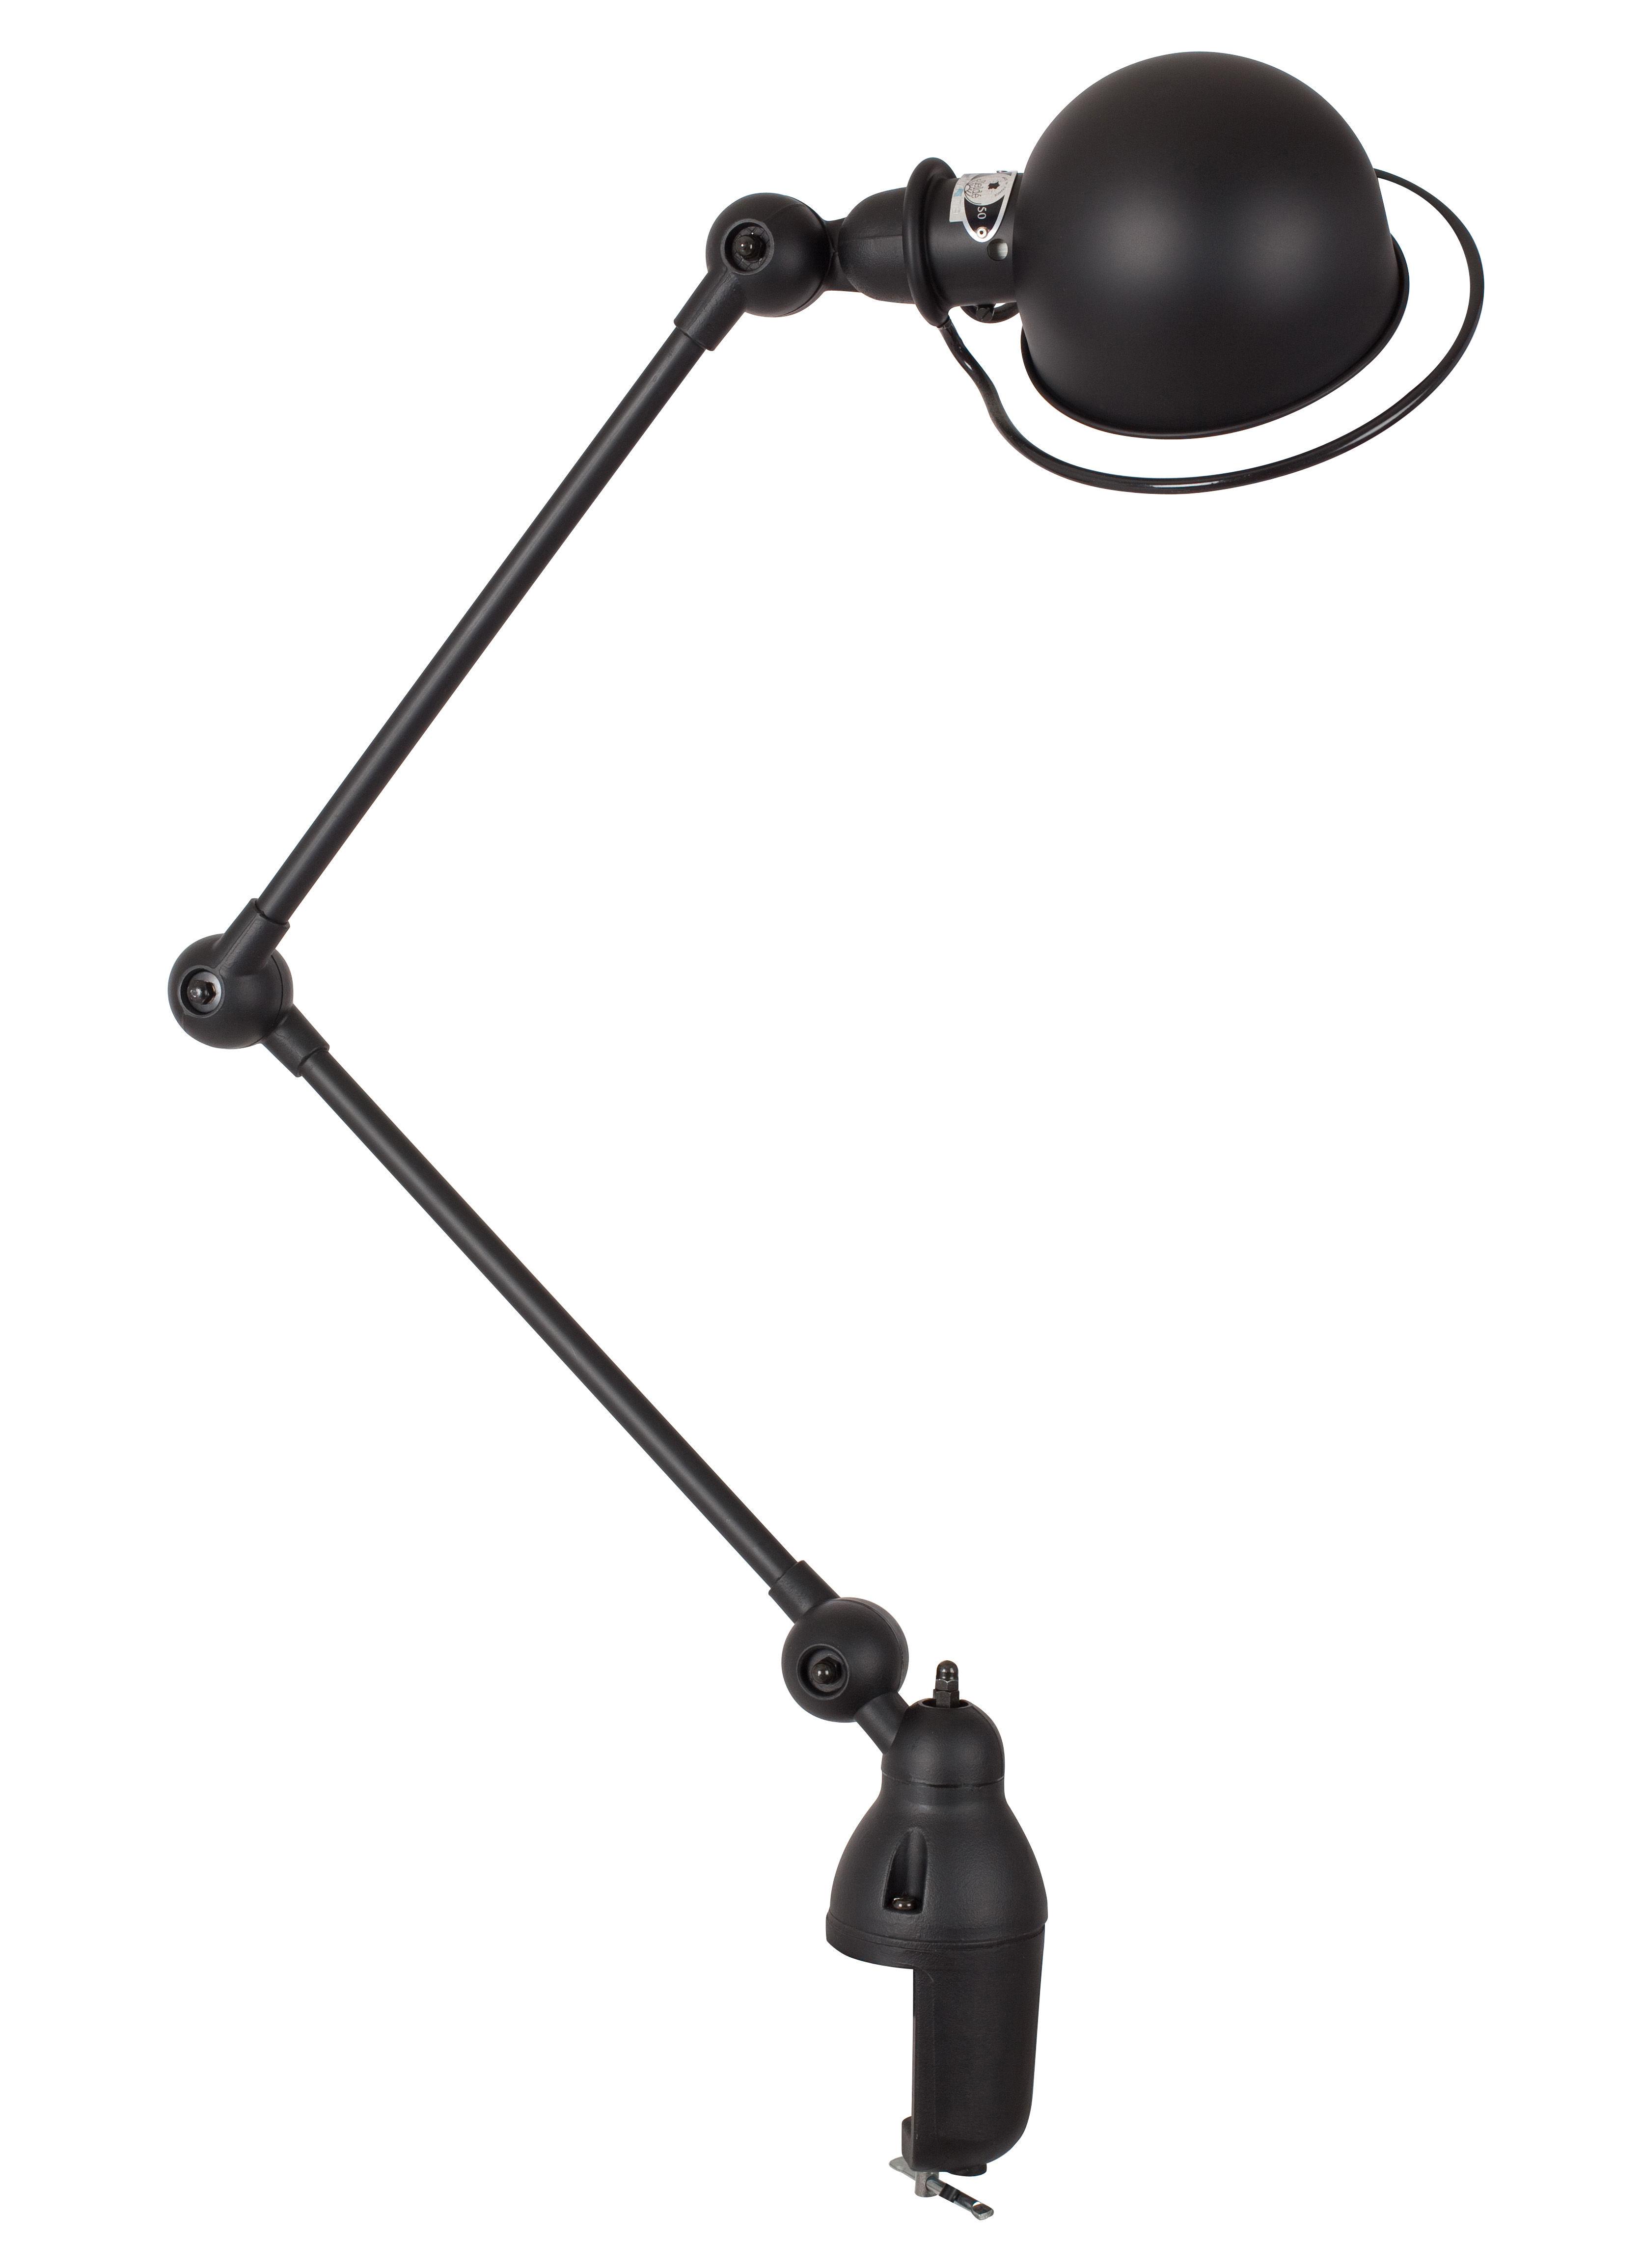 Leuchten - Tischleuchten - Loft Tischleuchte / Klemmlampe - mit 2 Gelenkarmen - H max. 80 cm - Jieldé - Schwarz, matt - rostfreier Stahl